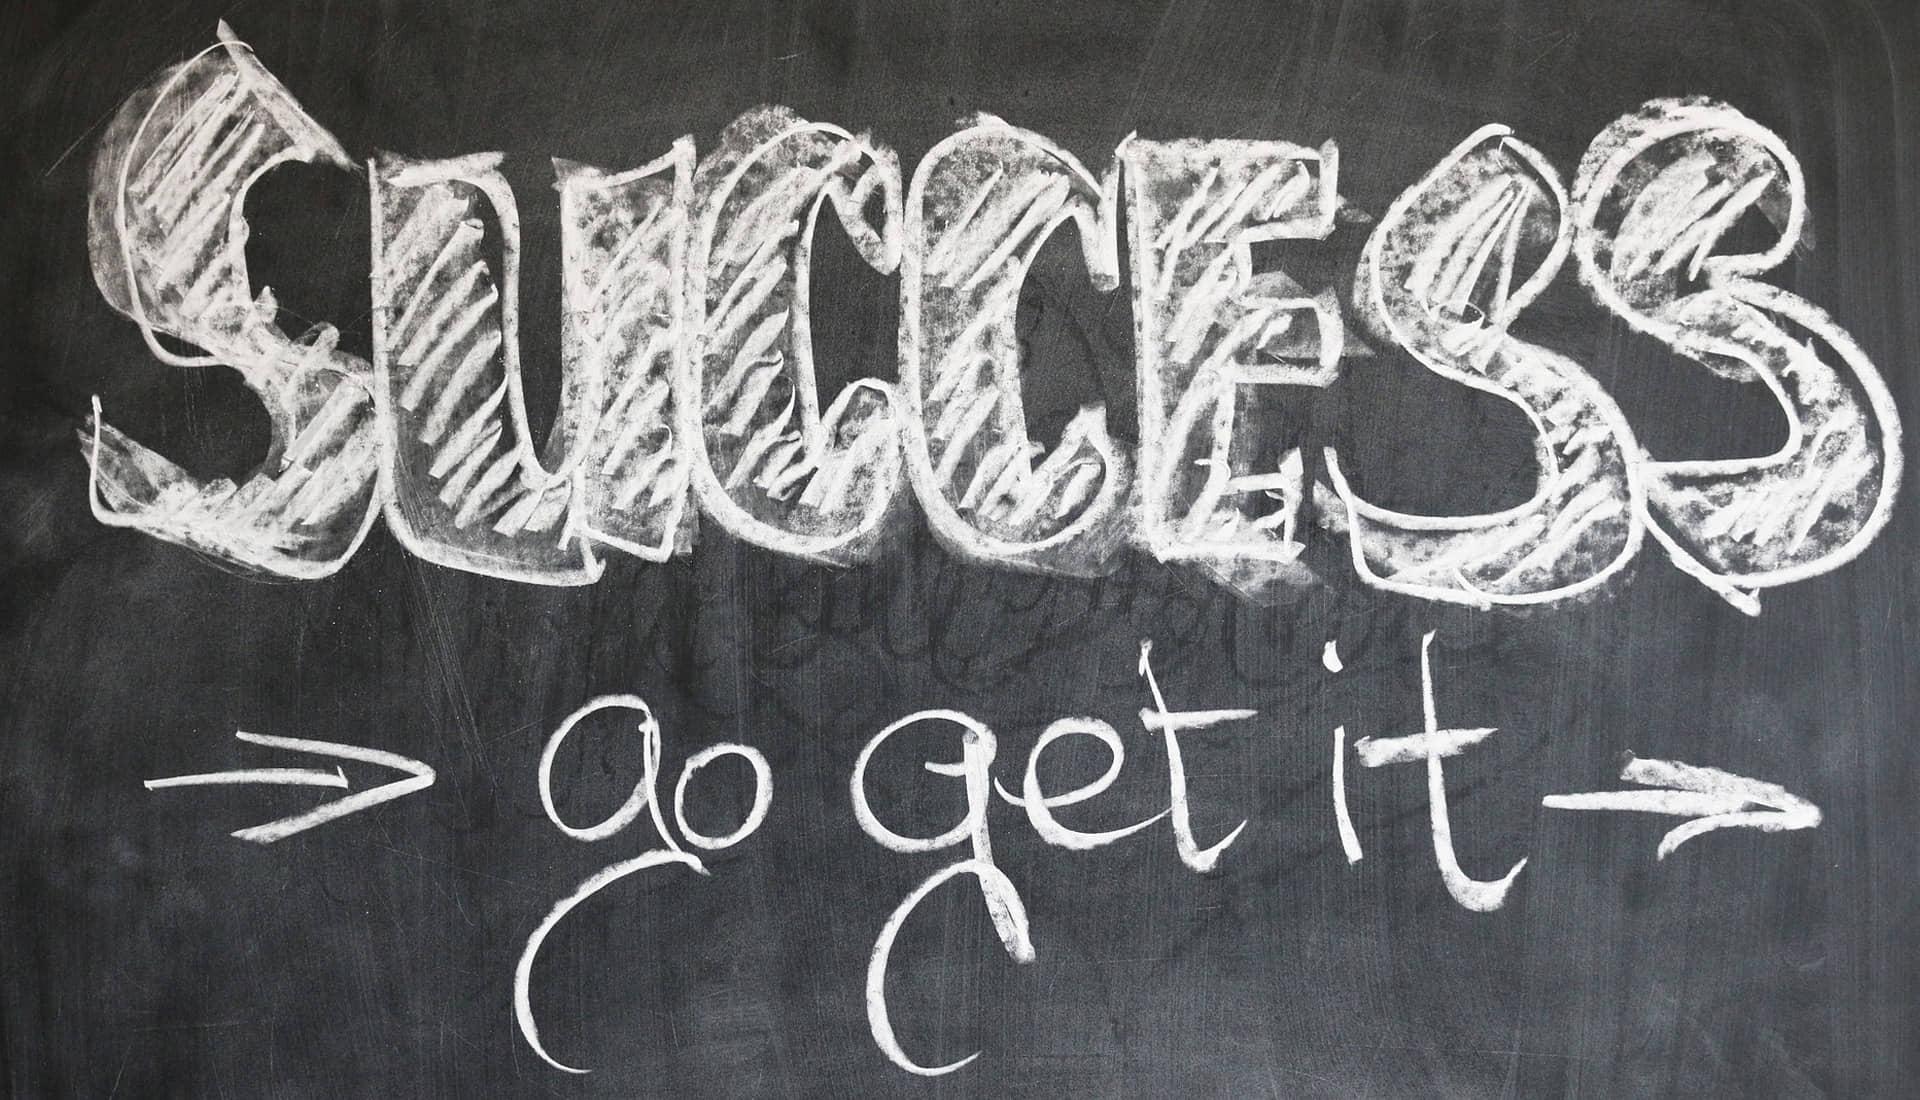 krijtbord met tekst succes go get it